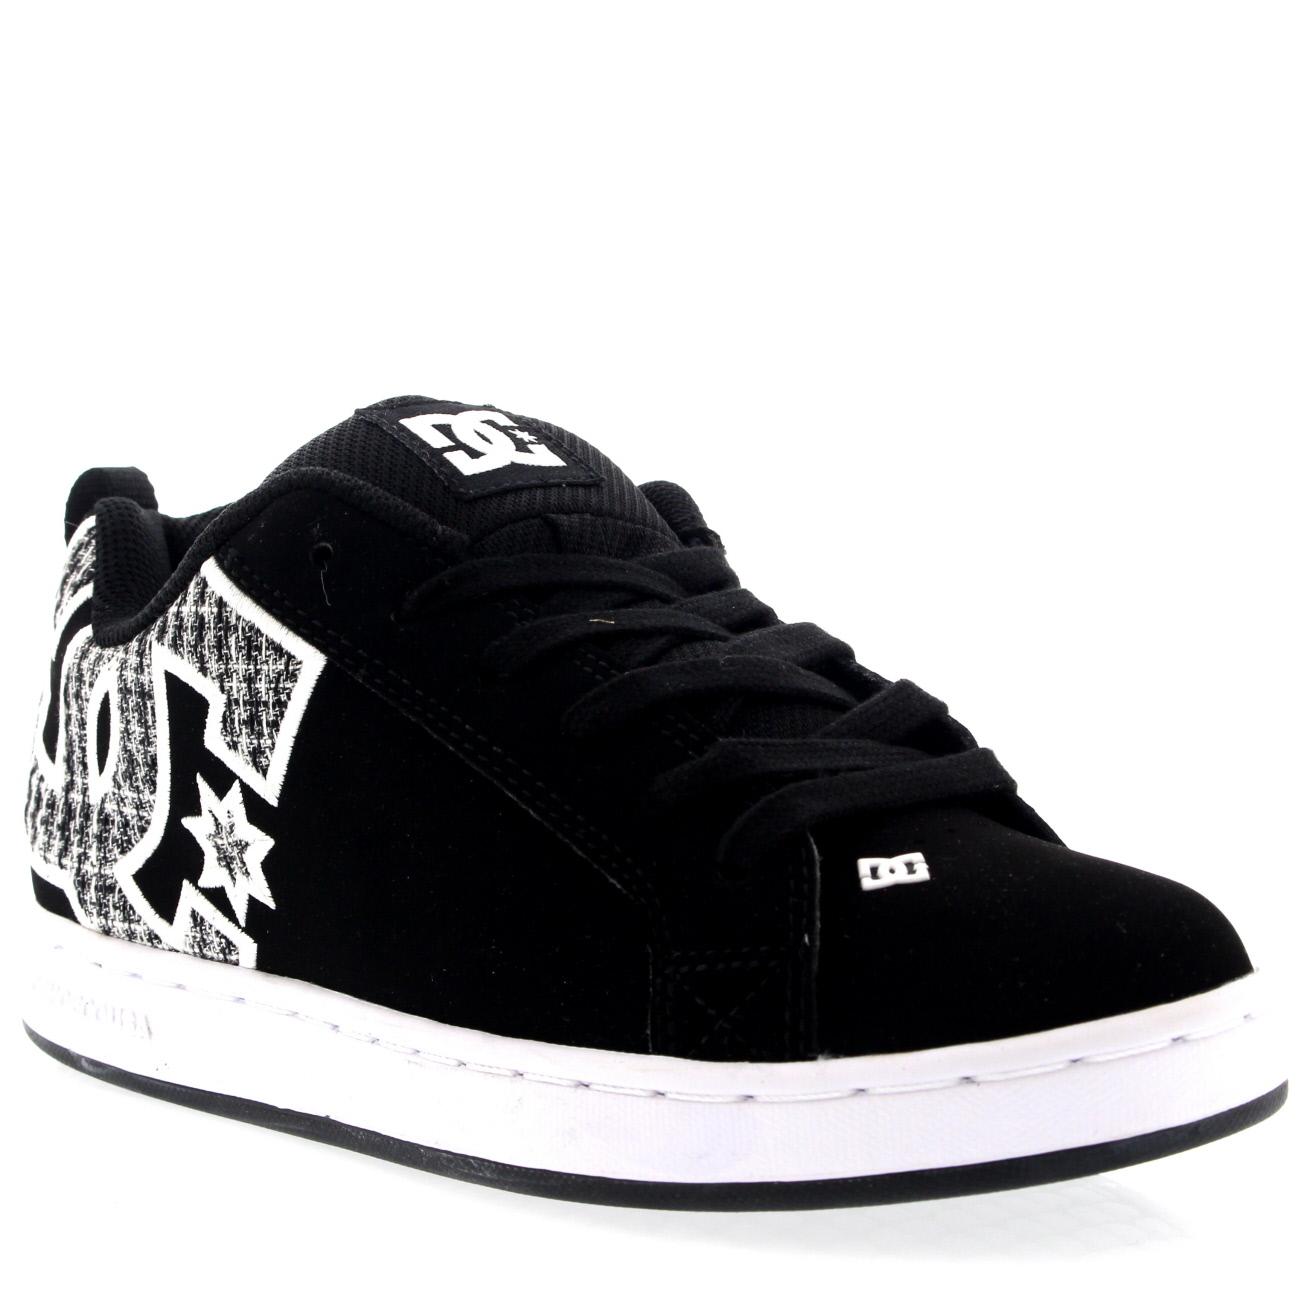 DC Shoes Court Graffik Suede